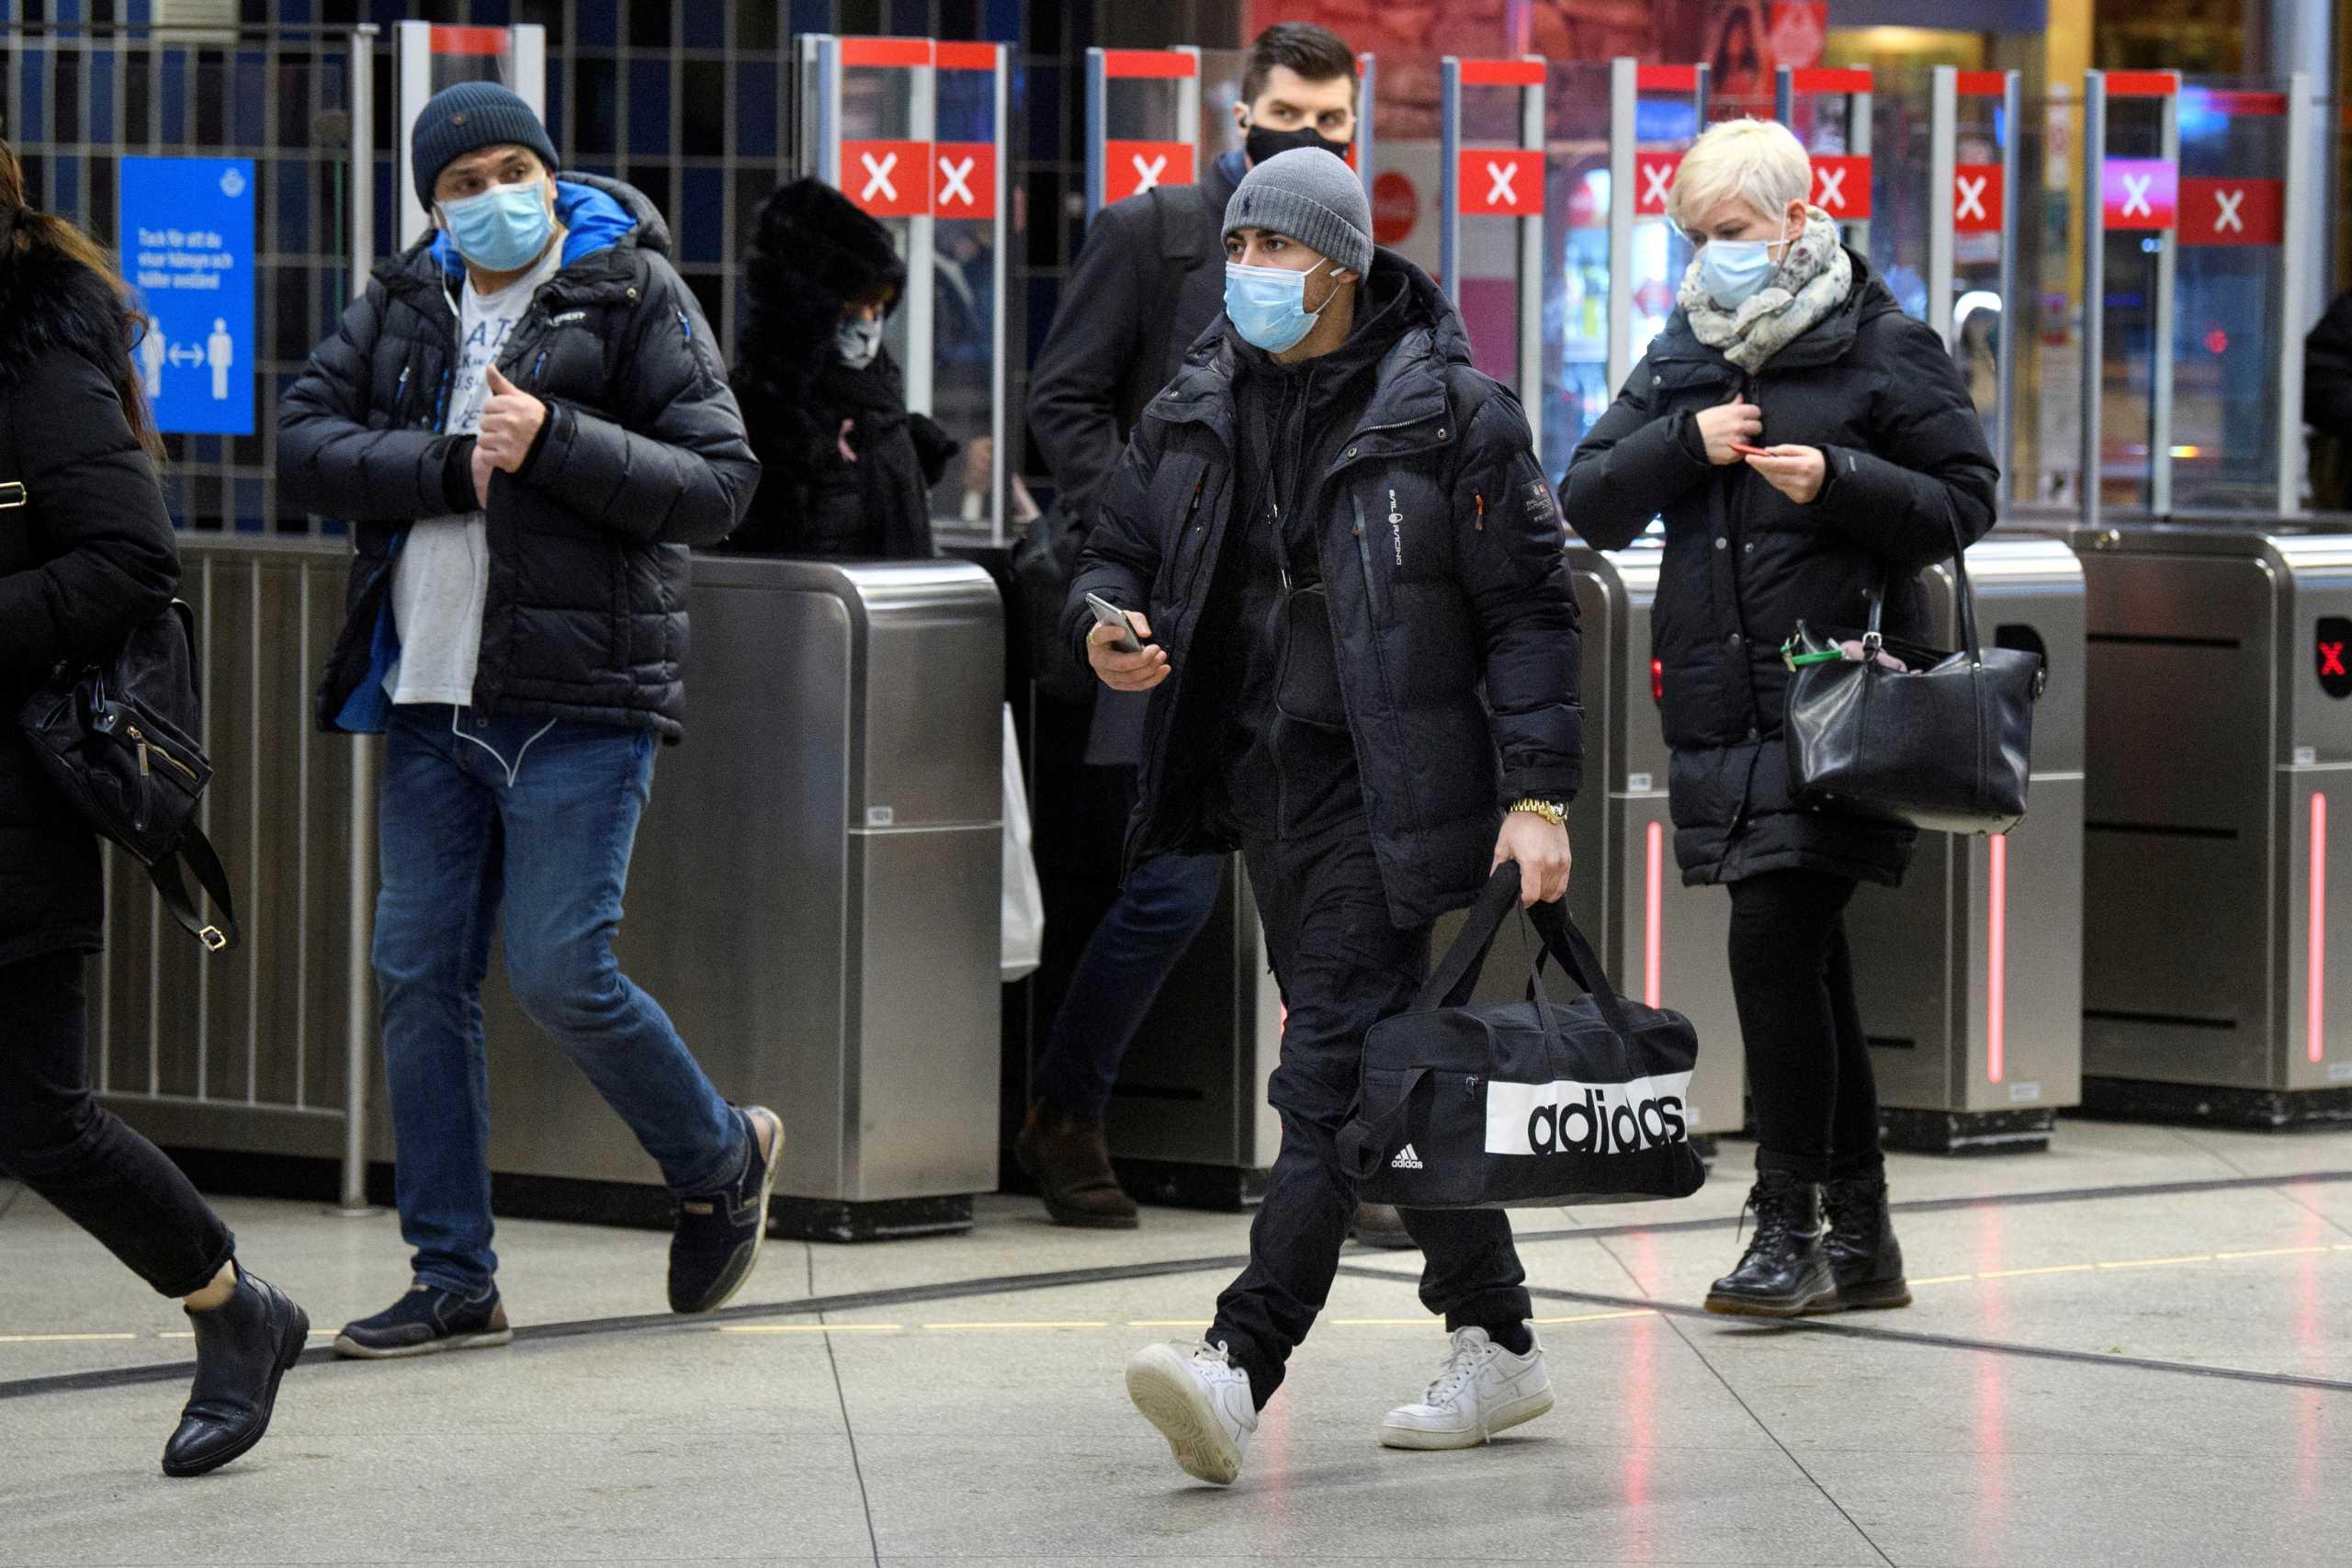 Νορβηγία: Χαλαρώνει τα μέτρα περιορισμού μετά τη μείωση των κρουσμάτων